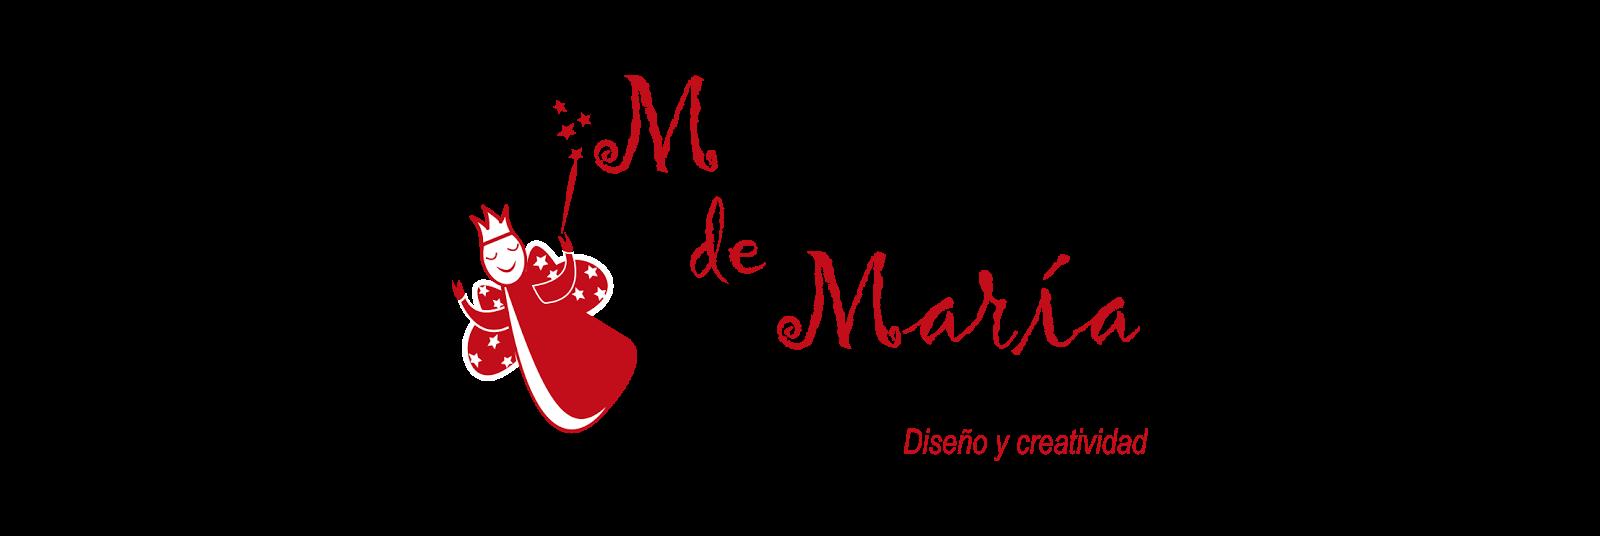 M de María